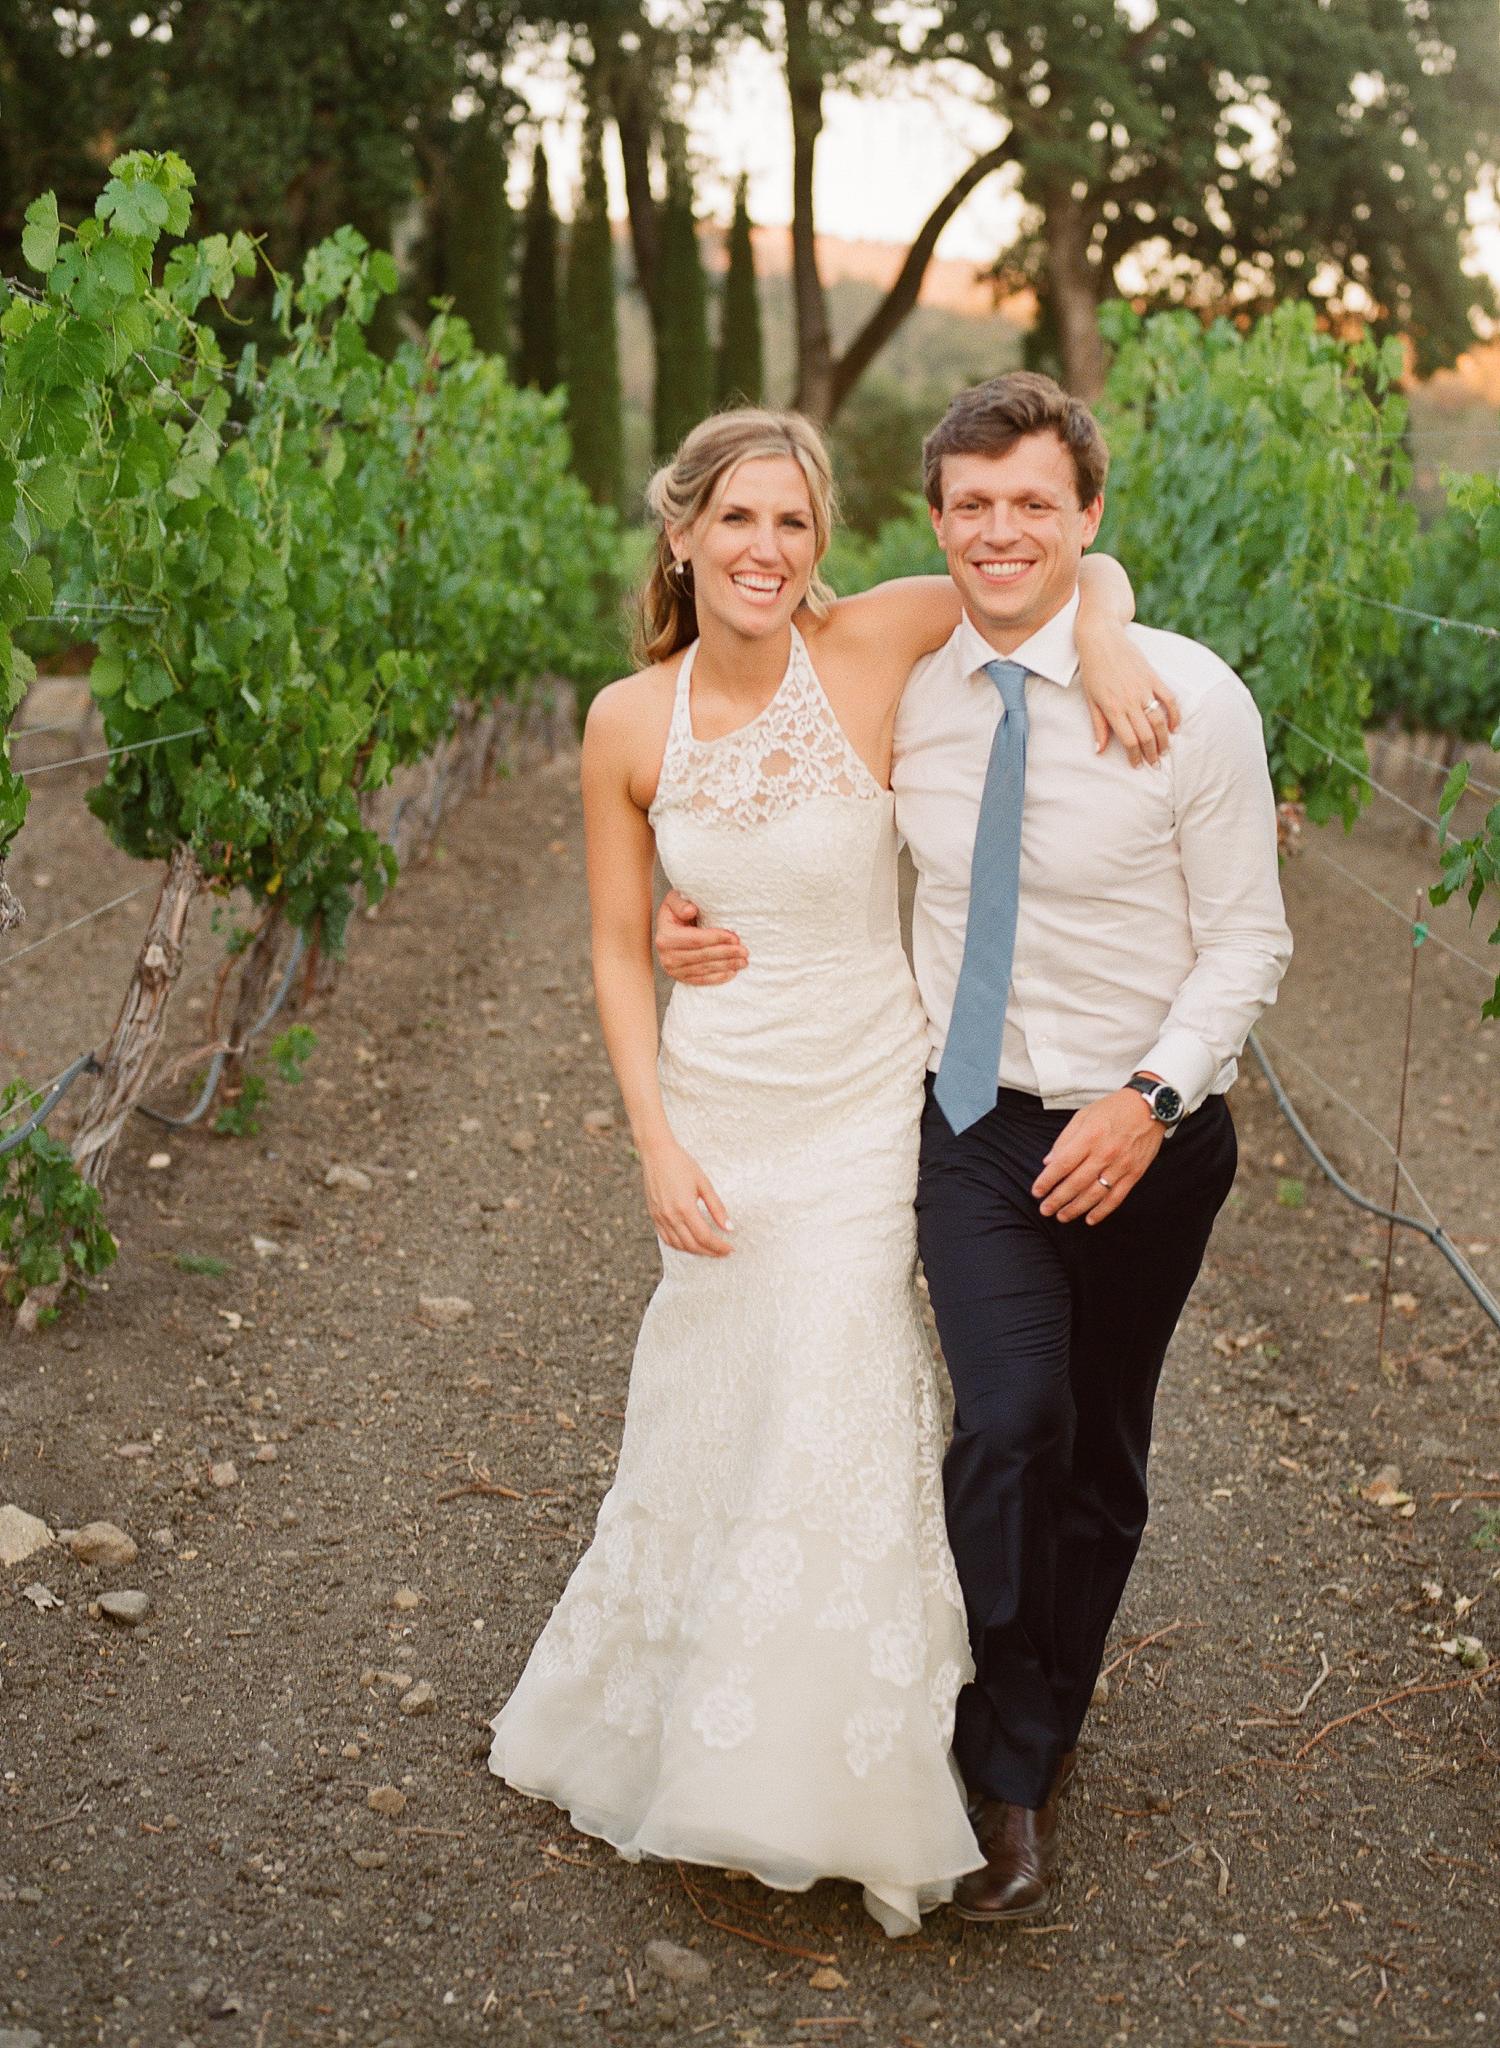 43-bride-groom-vineyard.jpg